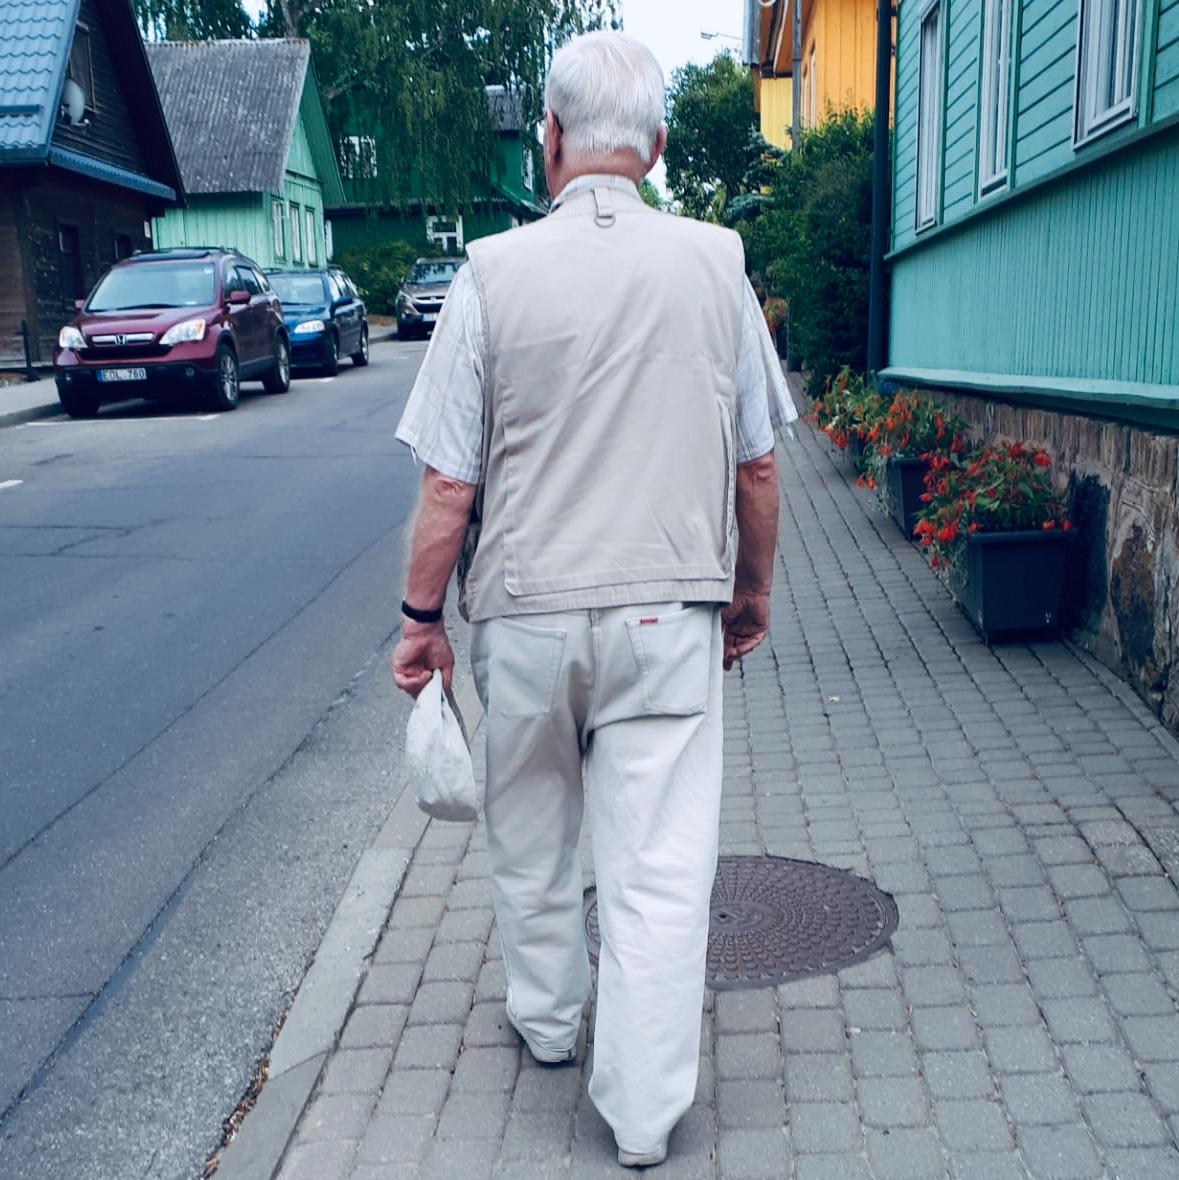 Beige Rentner Deutsche Beige Ocker Farblos deutsch Touristen